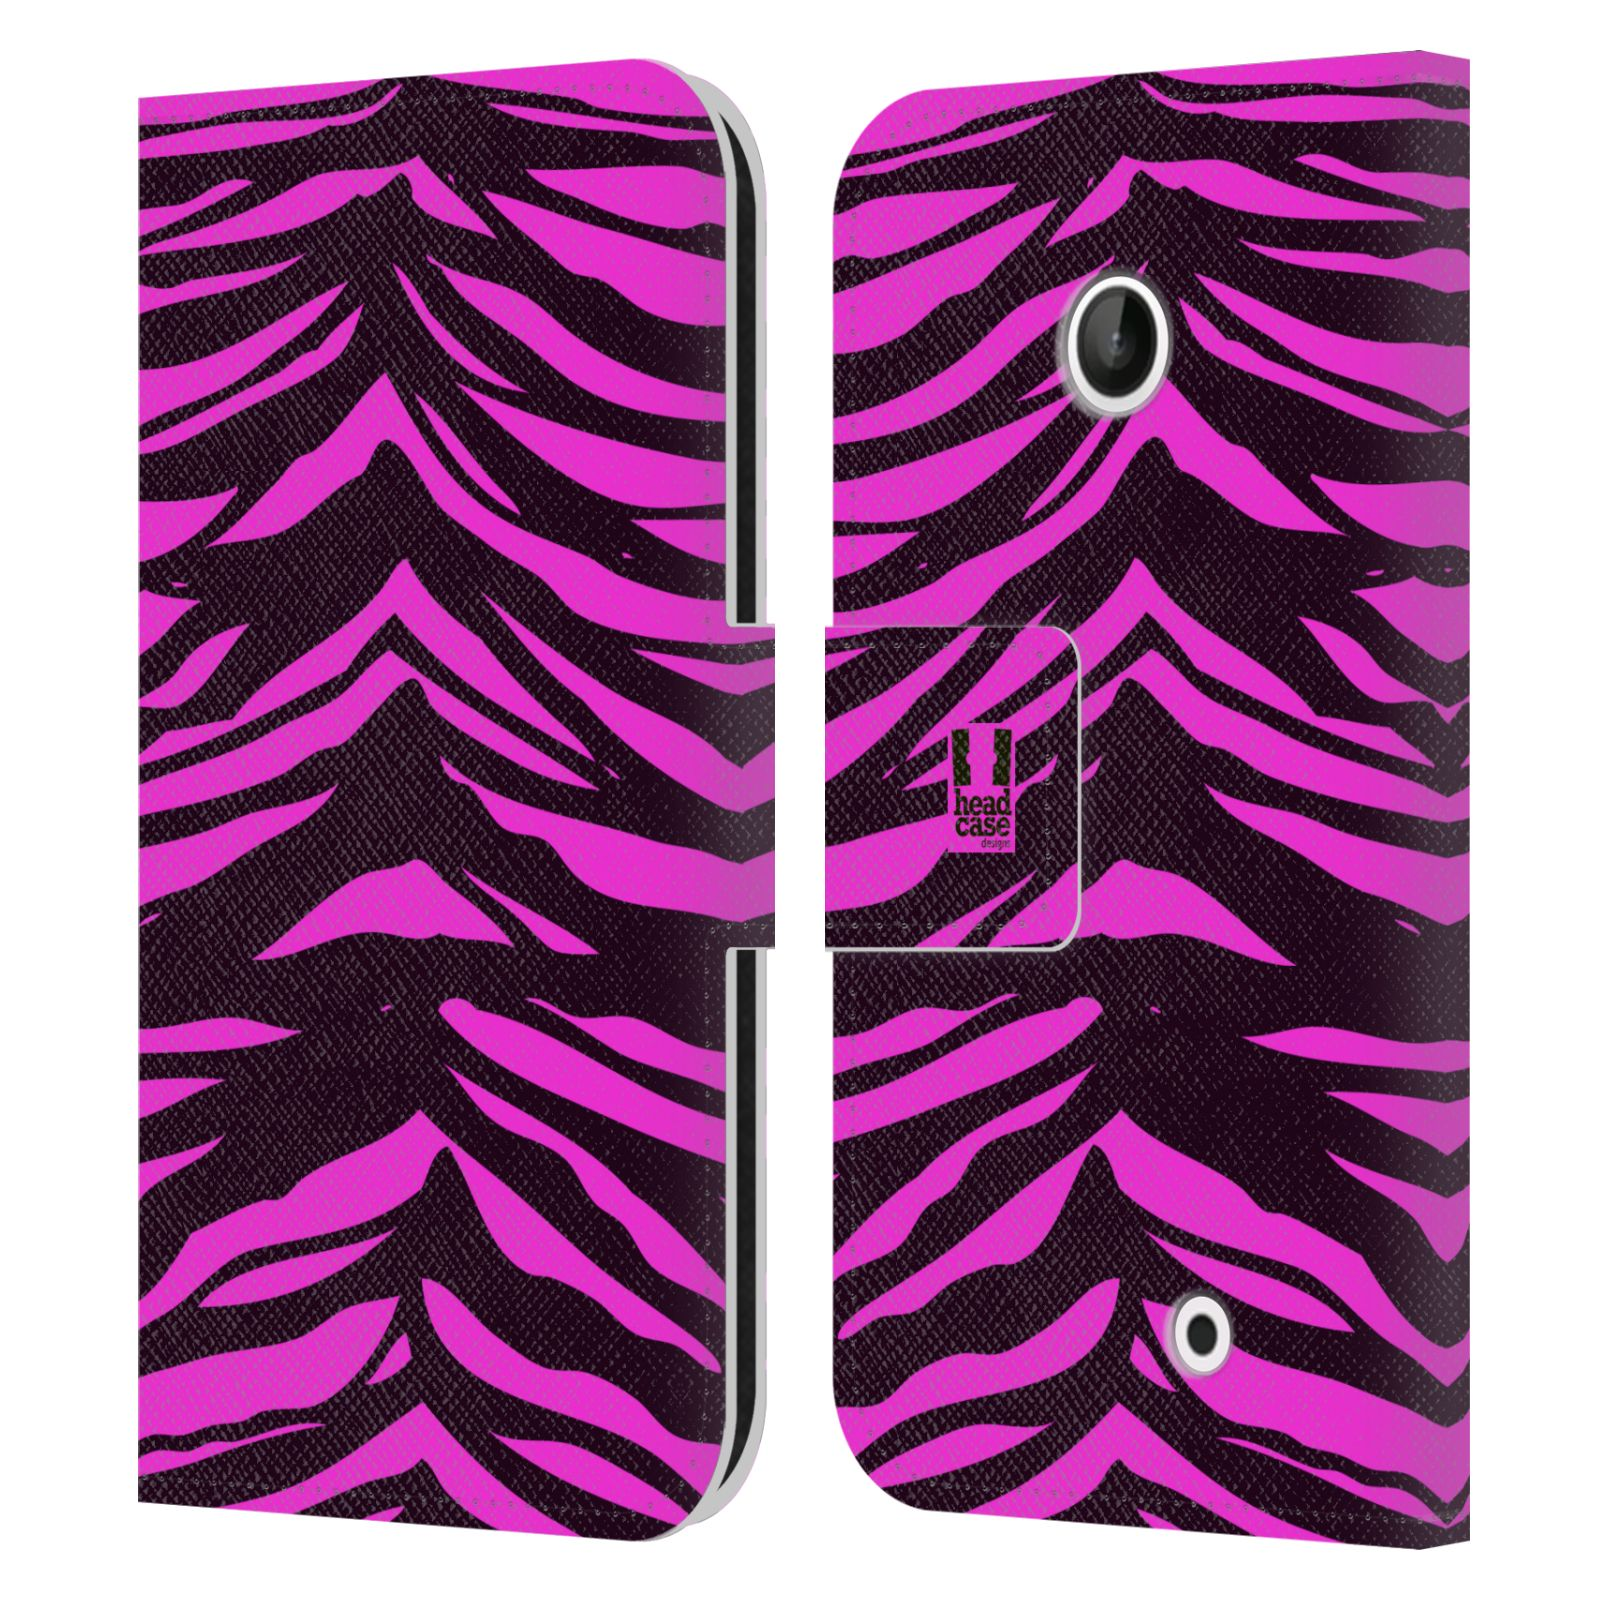 HEAD CASE Flipové pouzdro pro mobil NOKIA LUMIA 630 / LUMIA 630 DUAL Zvířecí barevné vzory fialová tygr